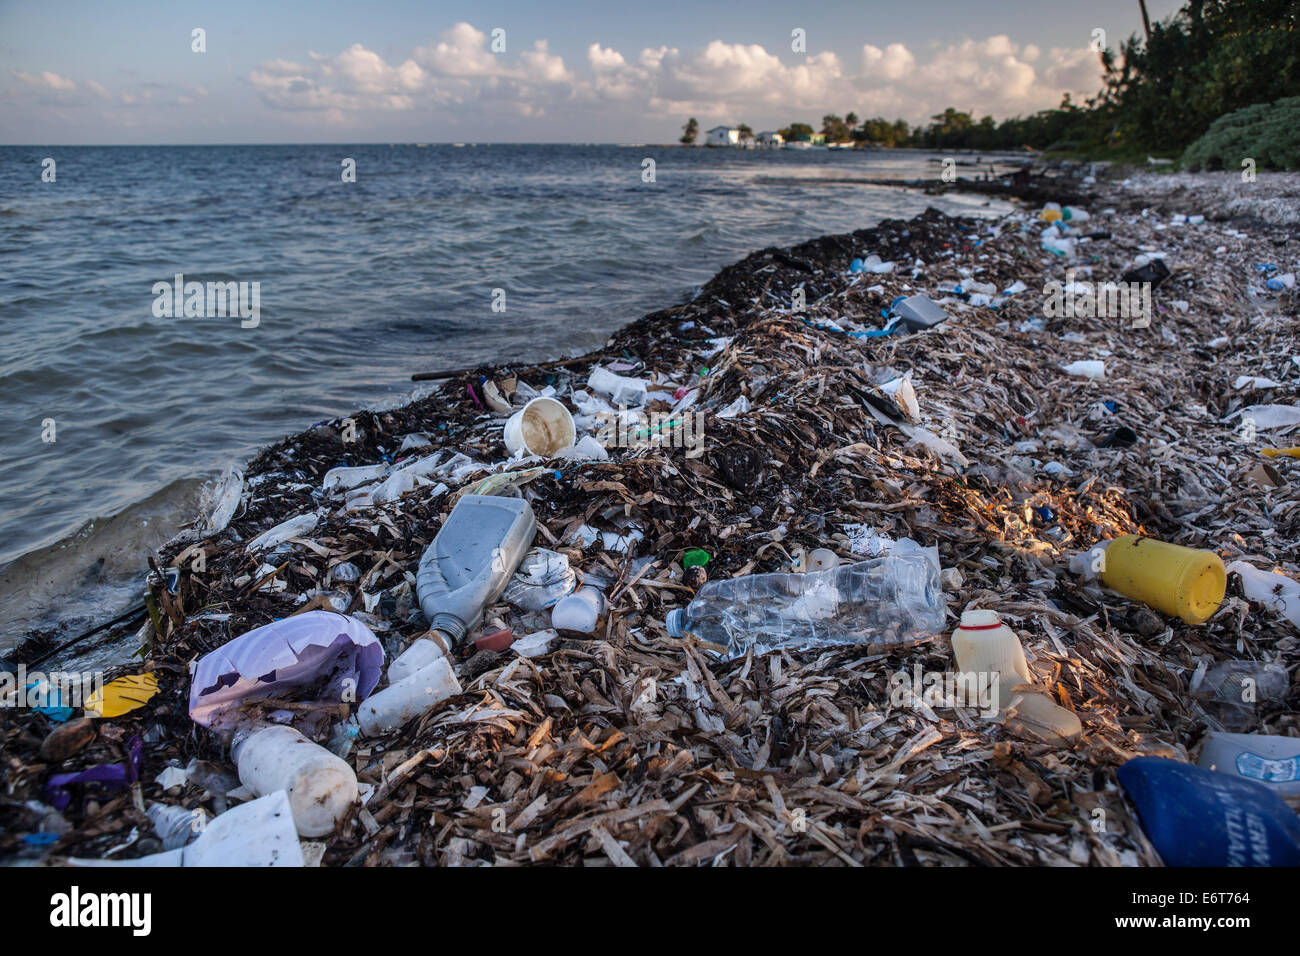 Les déchets plastiques rejetés au rivage, Turneffe Atoll, des Caraïbes, le Belize Photo Stock